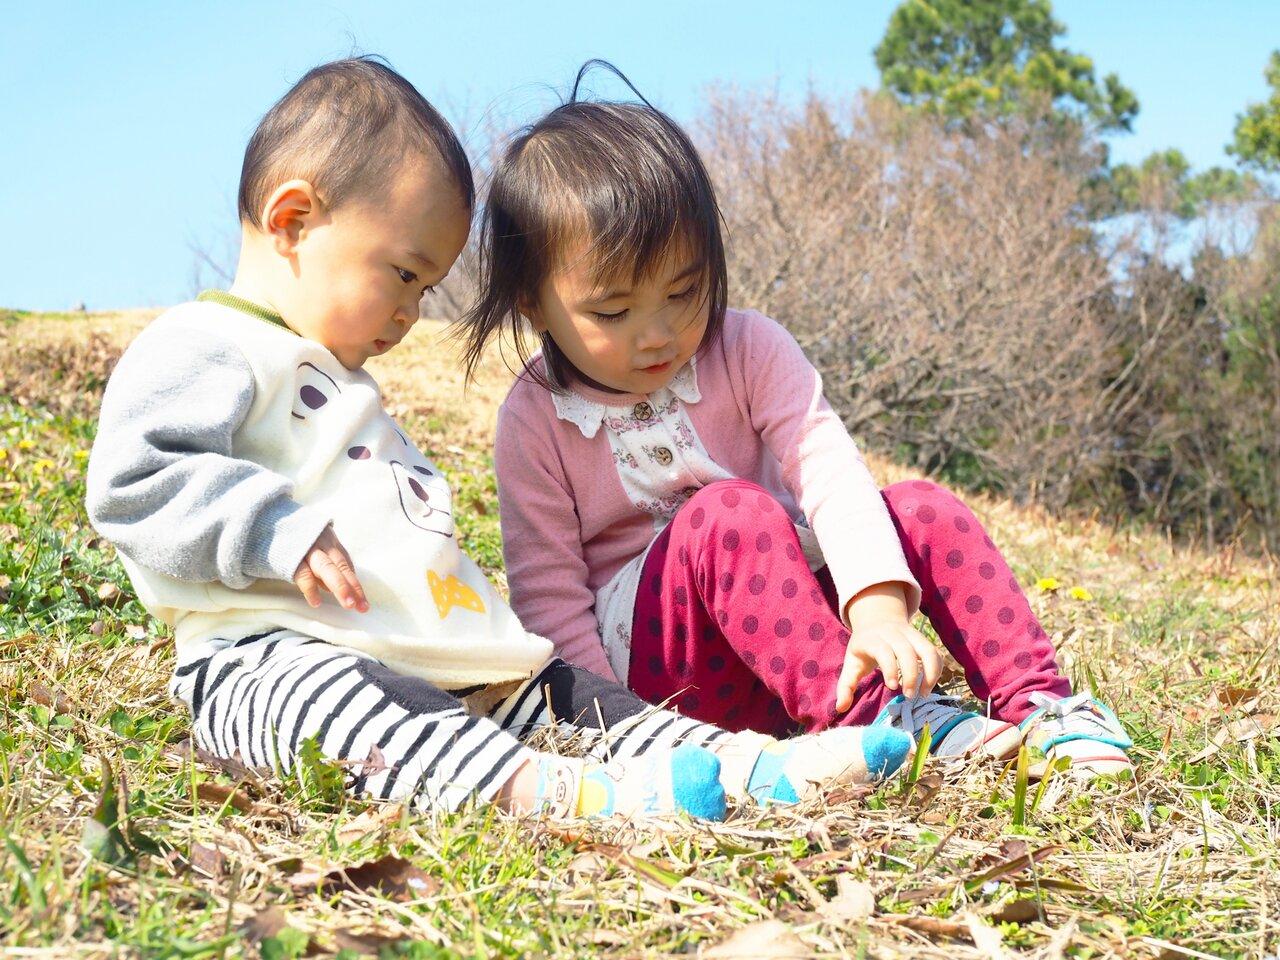 「3歳の女の子。自分のことができないのに、弟の世話を焼きたがります」子育て相談 モンテッソーリで考えよう!